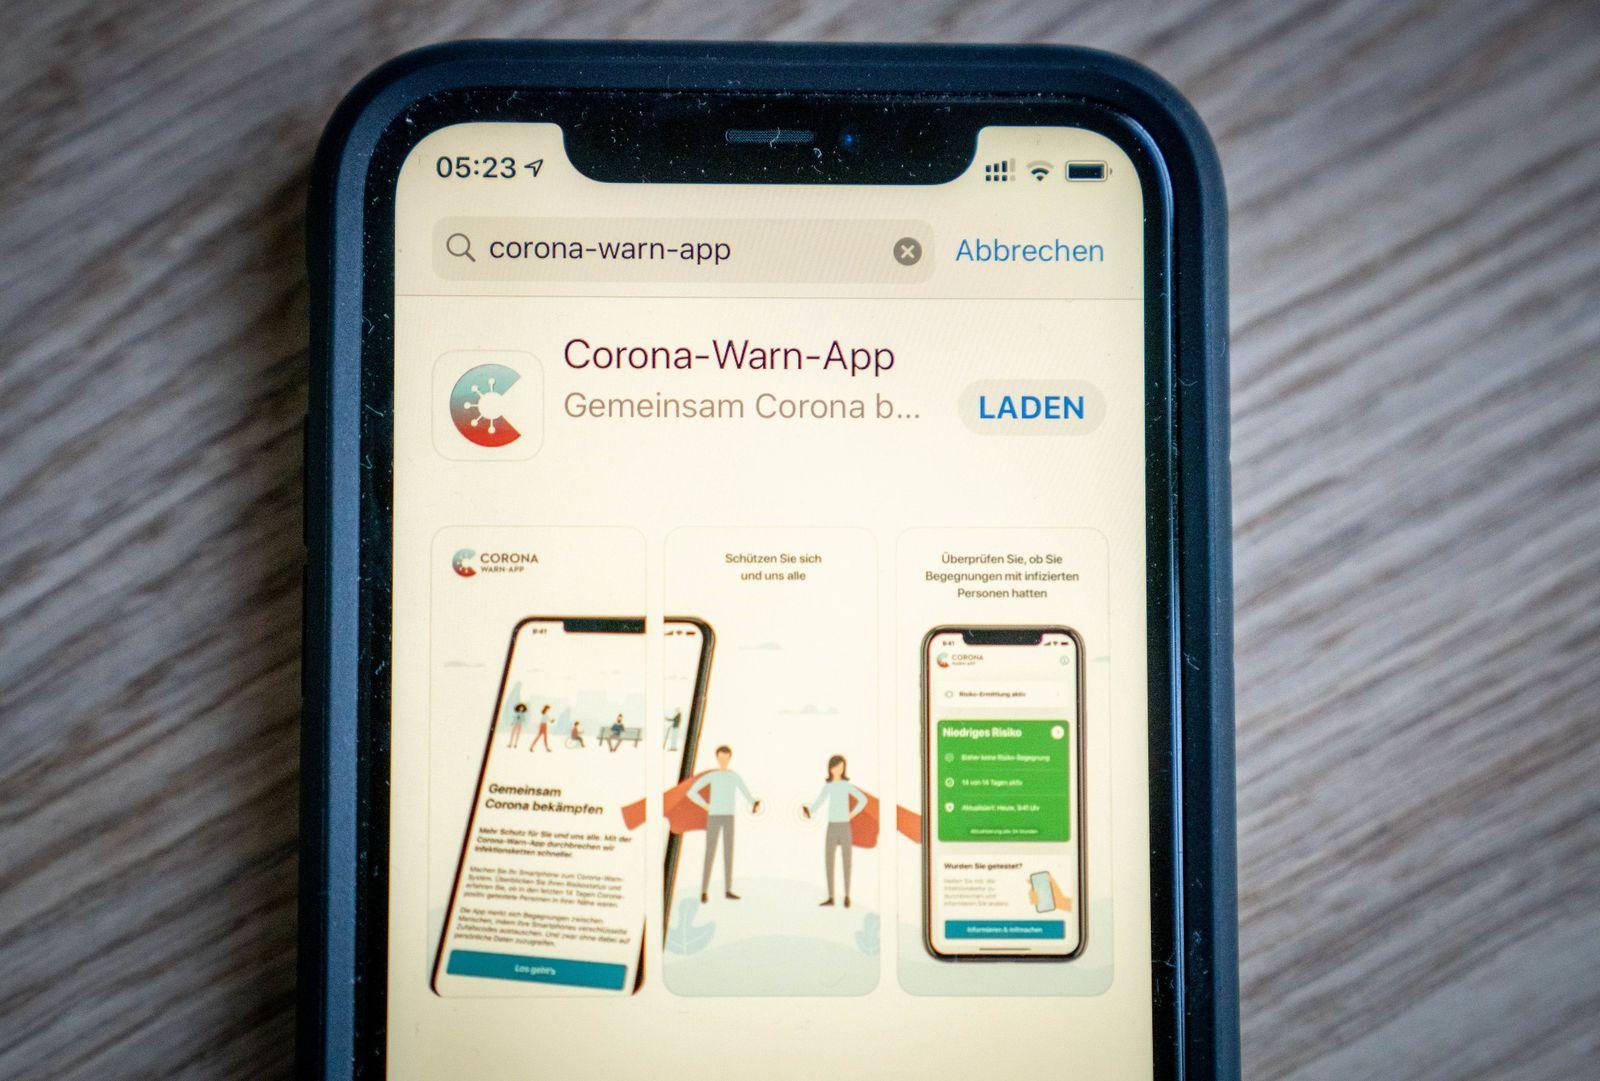 Offizielle Corona-Warn-App steht zum Download bereit